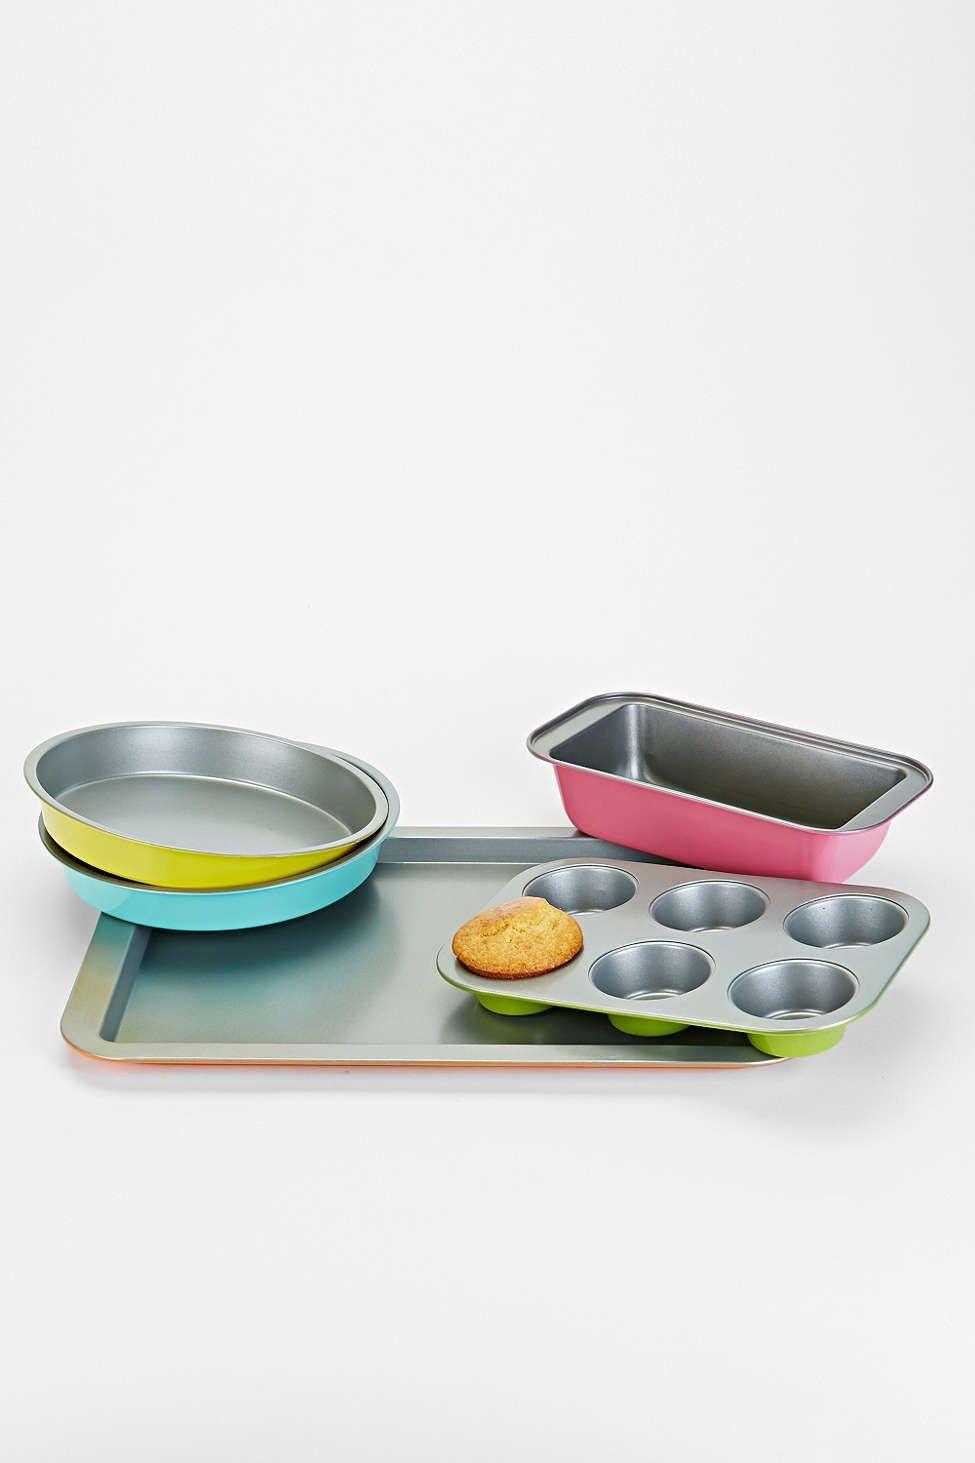 Colorful 5 Piece Bakeware Set Bakeware Decorative Bowls Color